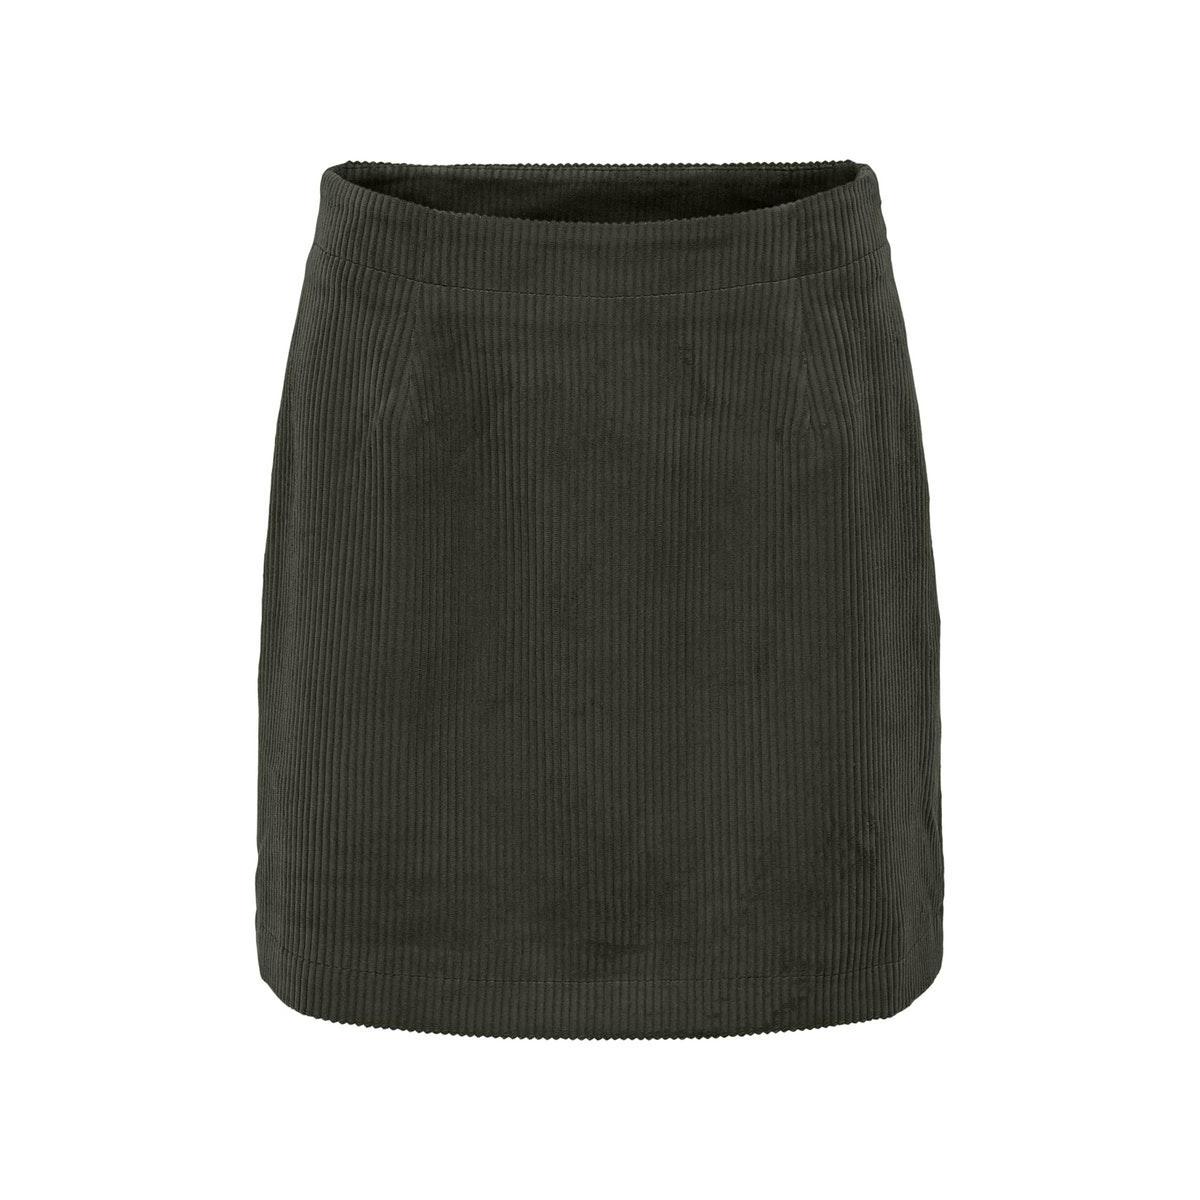 onlterry life cordoroy skirt cc otw 15207003 only rok rosin